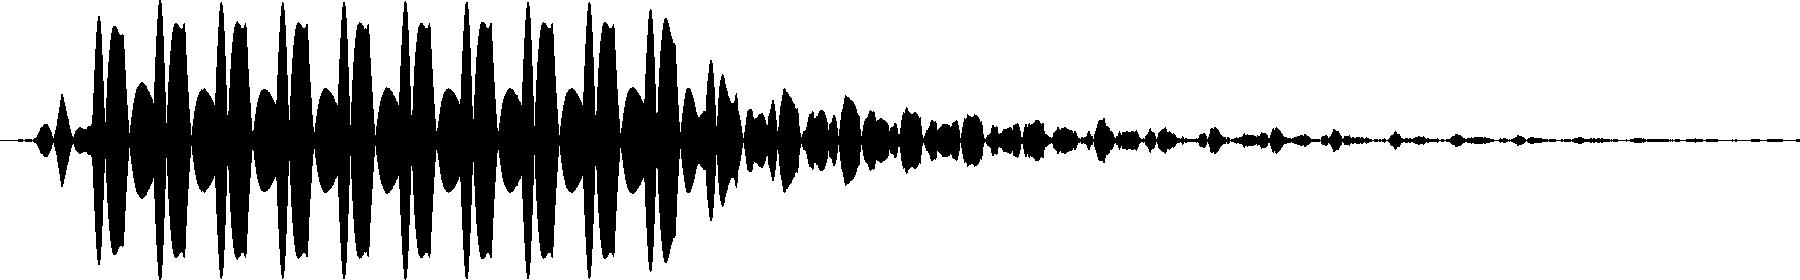 ps480 b3